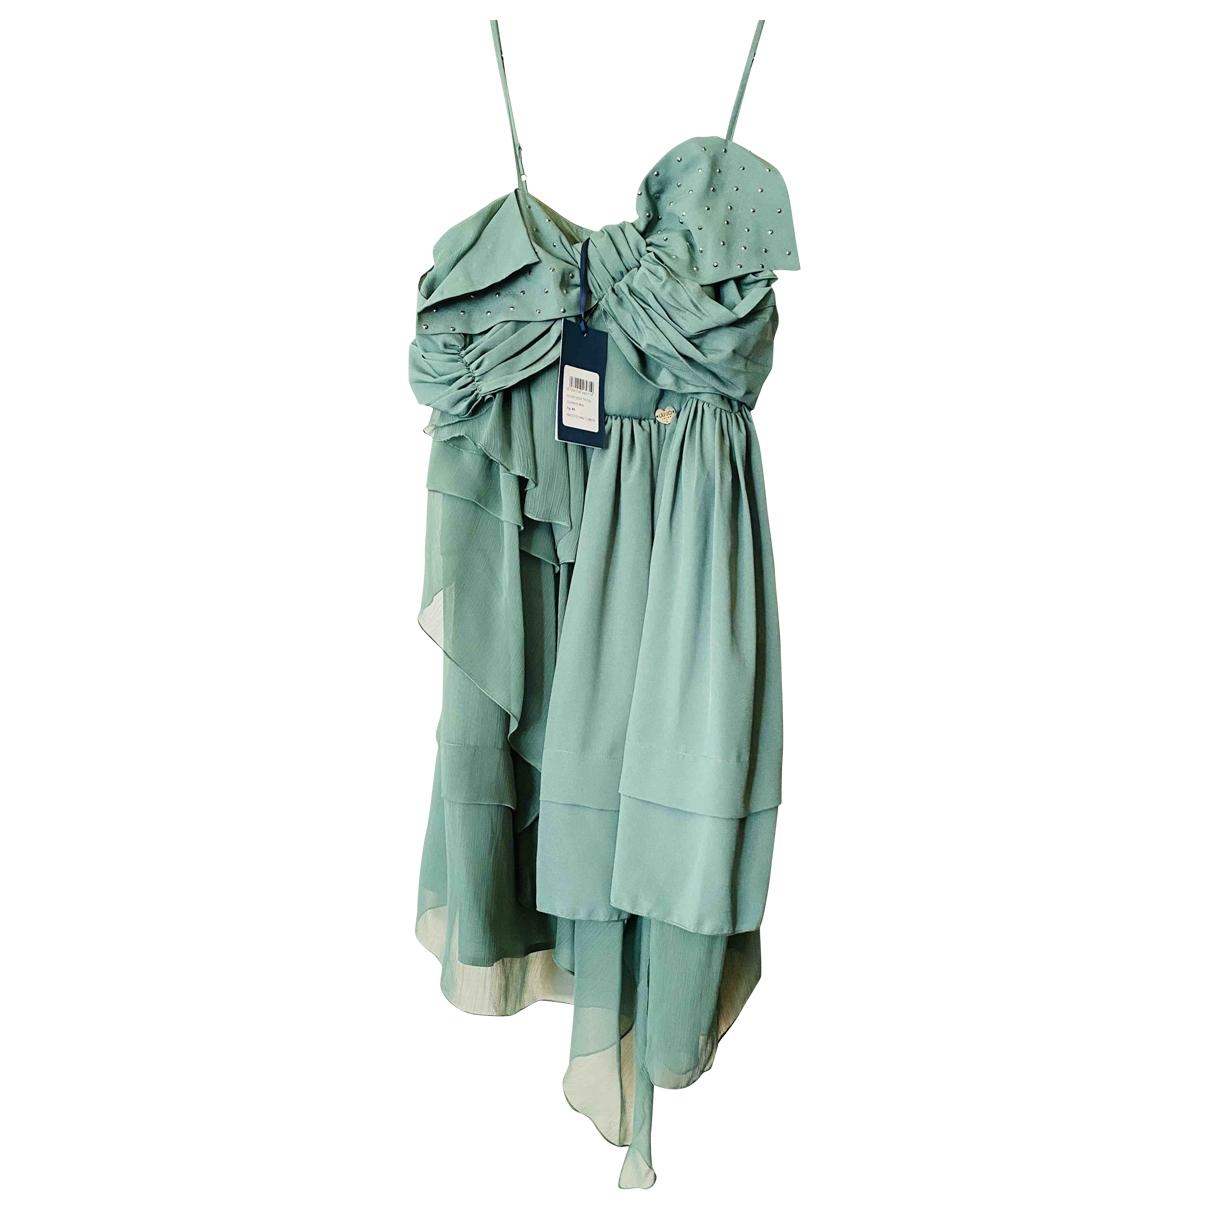 Liu.jo \N Green dress for Women 40 IT